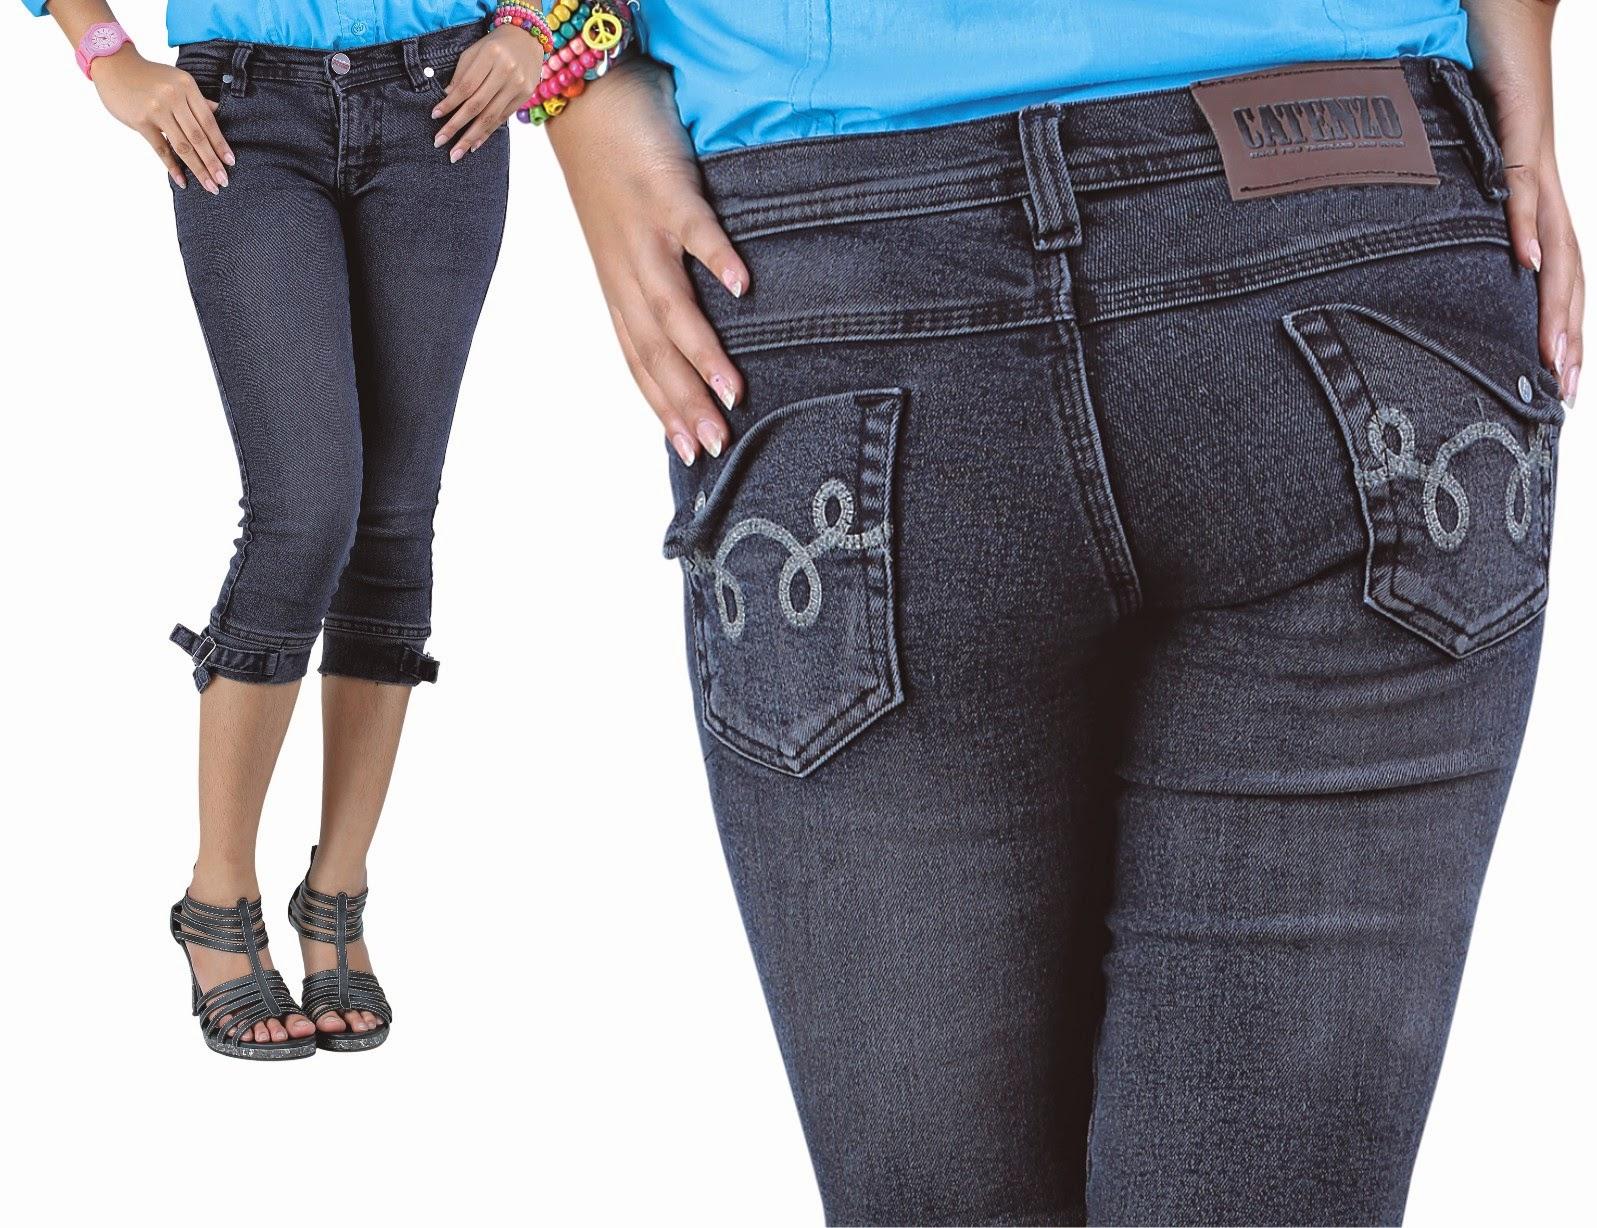 Celana Levis Wanita Model Terbaru Jaman Sekarang Pendek Catenzo Jeans Original